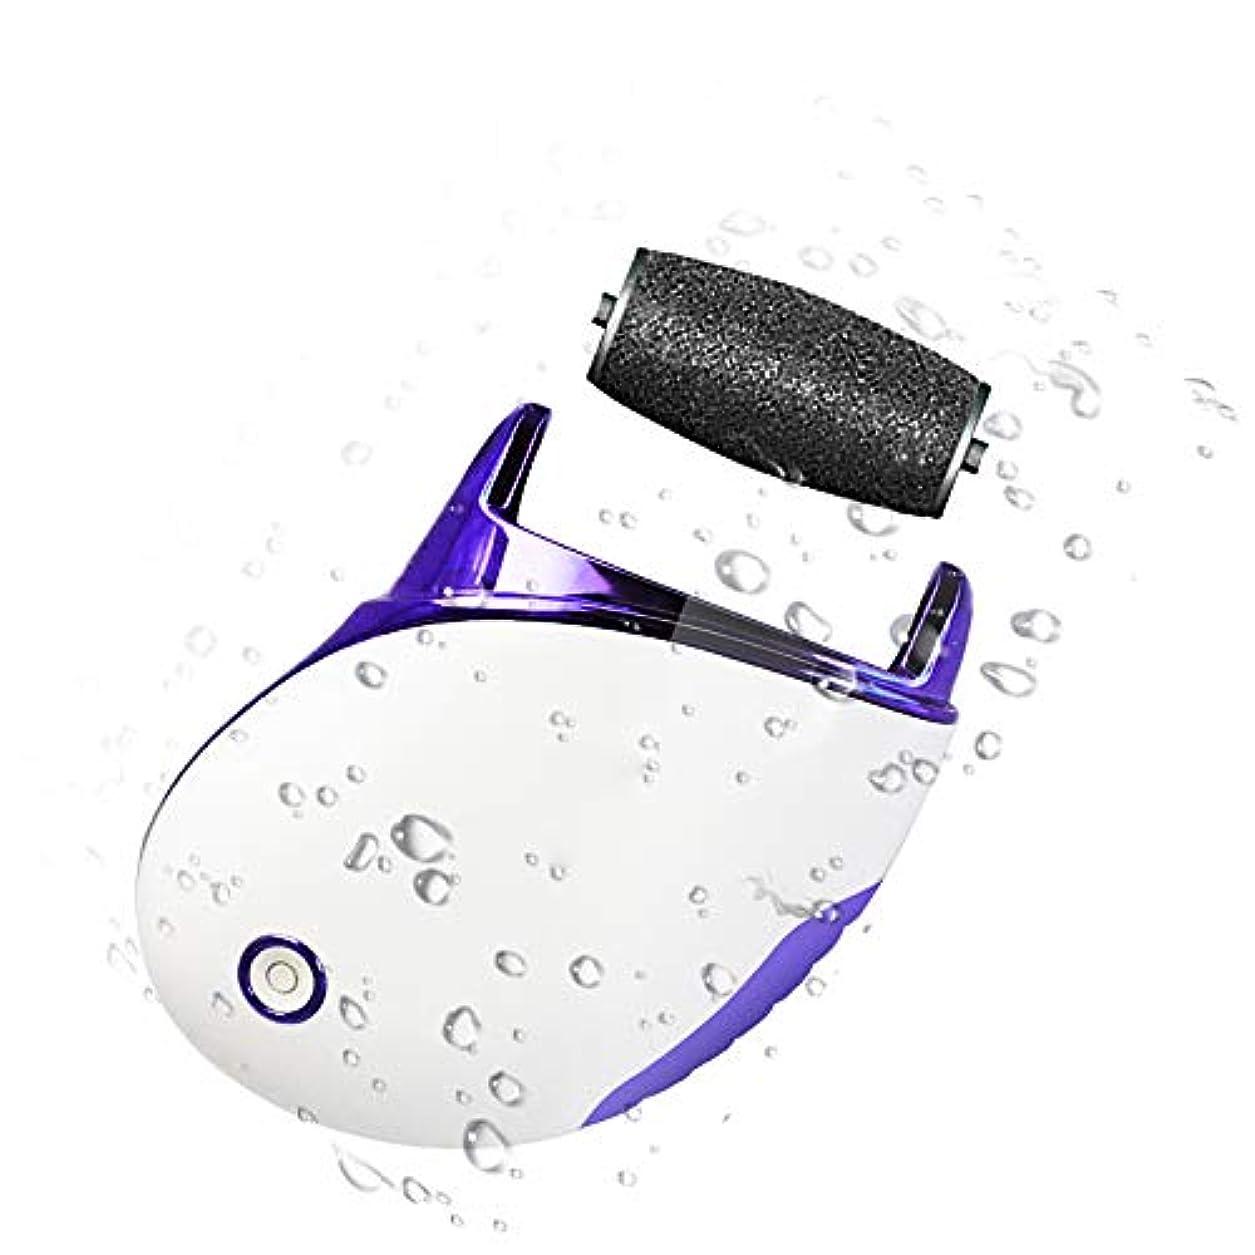 縞模様の影のあるライド電動ペディキュアツール、充電式電子フットファイル(テスト済みの最も強力な)3ローラー付きペディキュアツールプロの足のケア